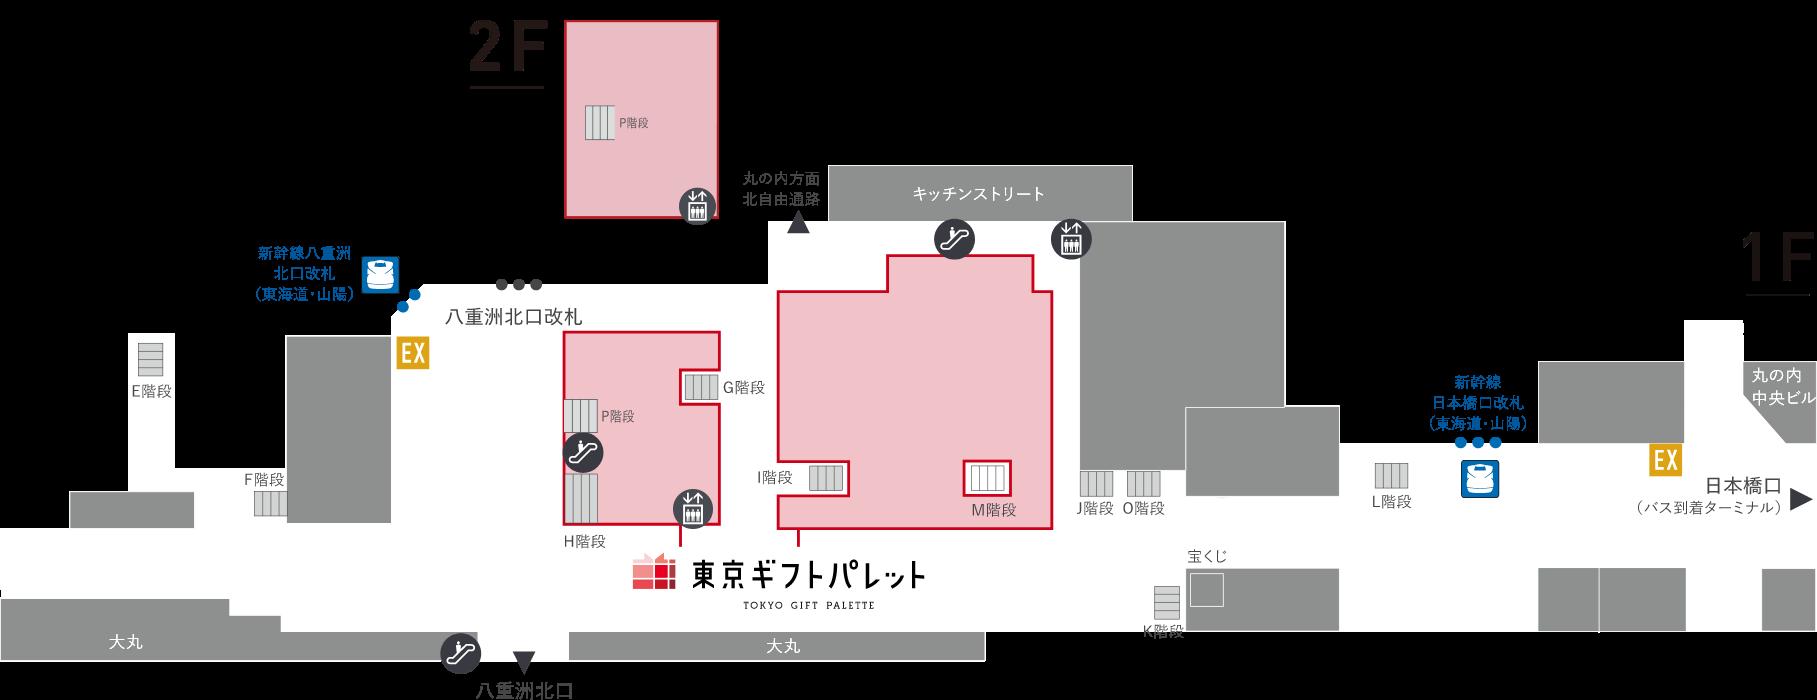 東京ギフトパレット フロアマップ